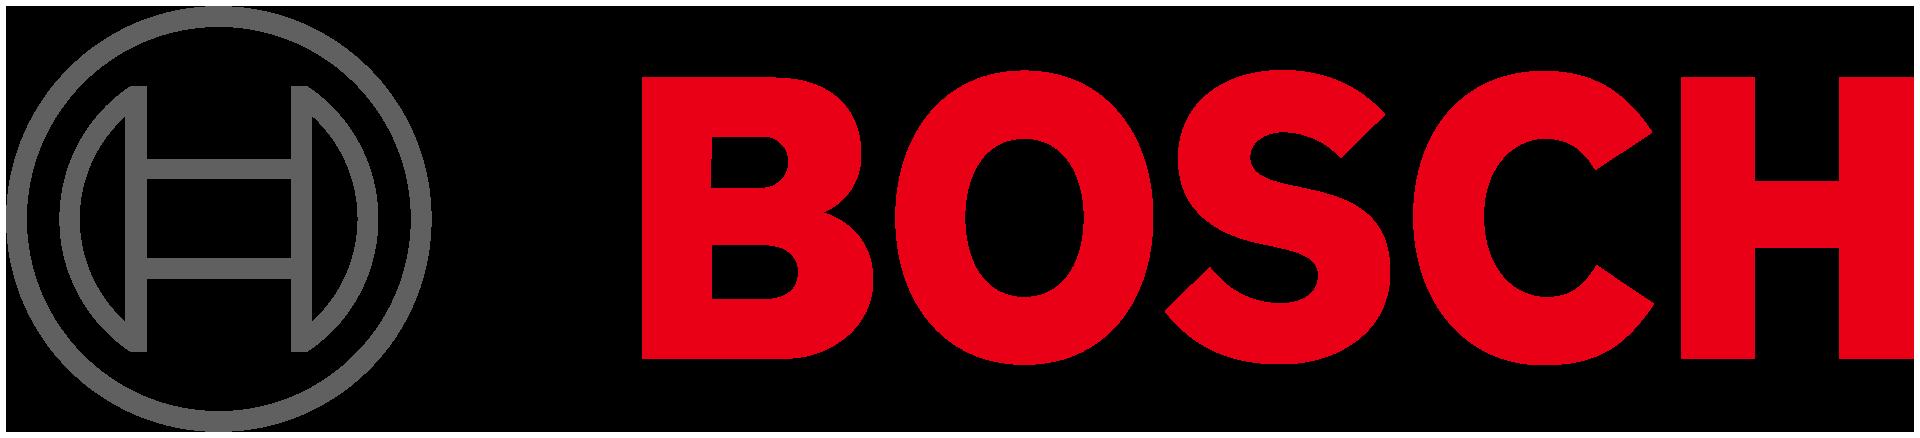 BOSCH_flat